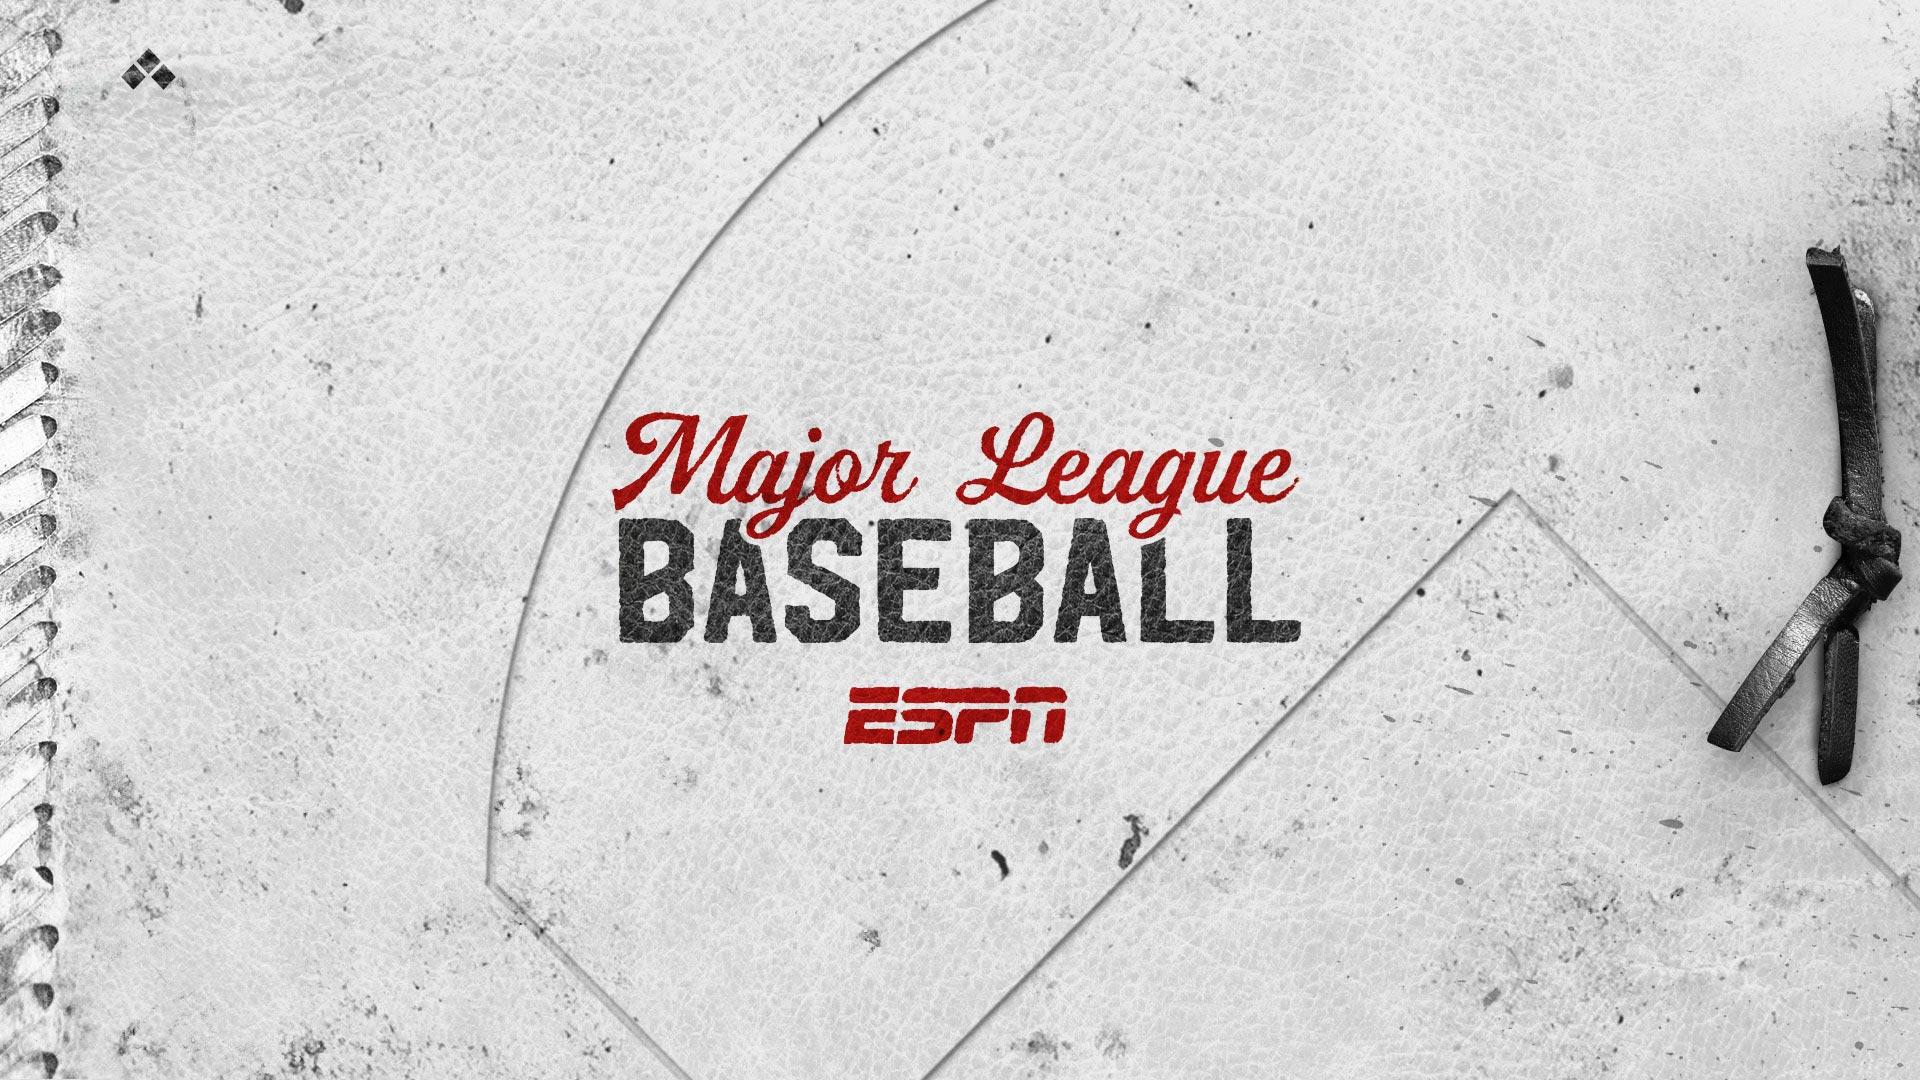 MLB_endstamp_04_00001.jpg